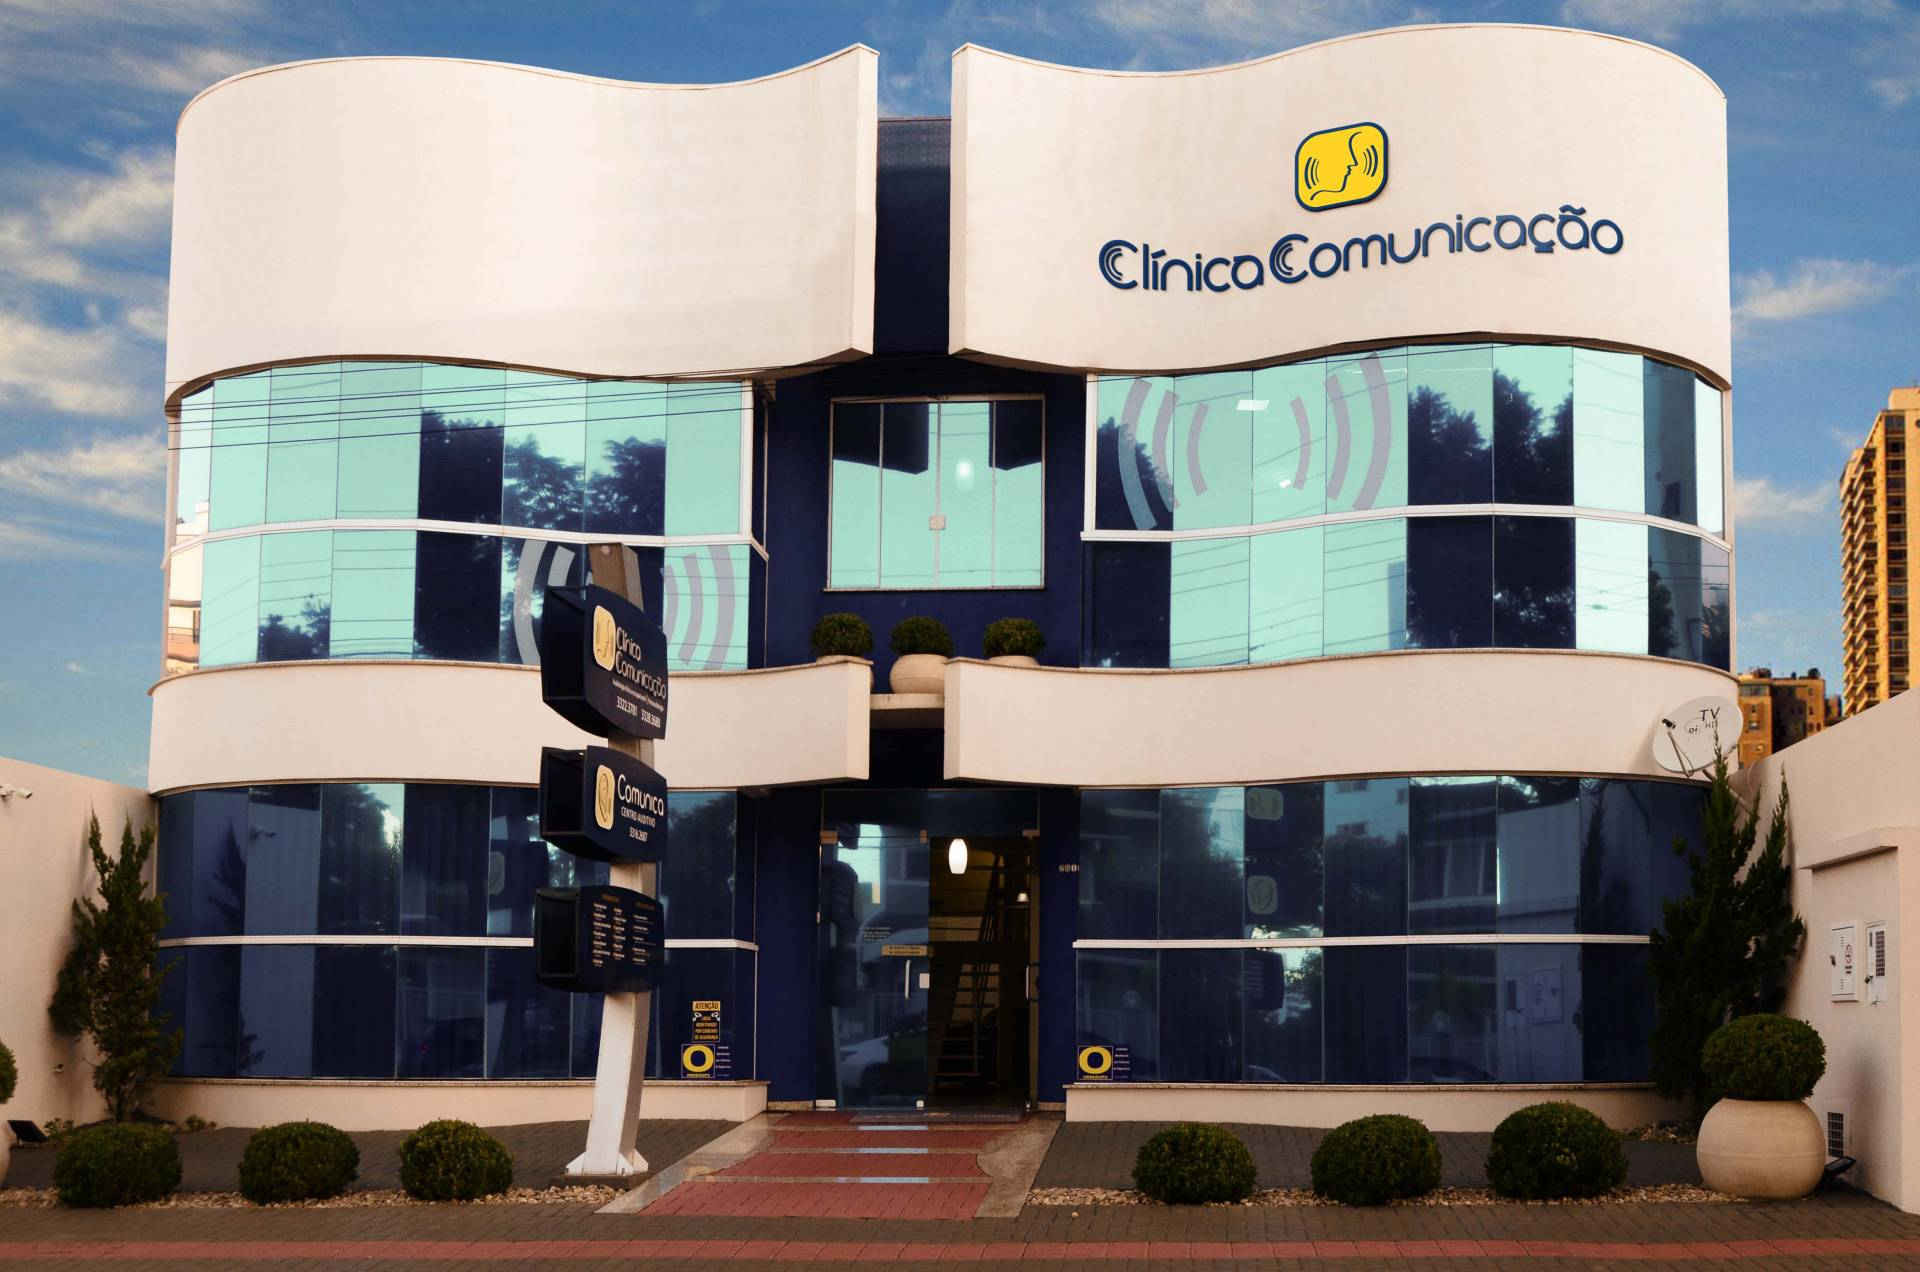 Clinica_comunicacao_chapeco_fachada2